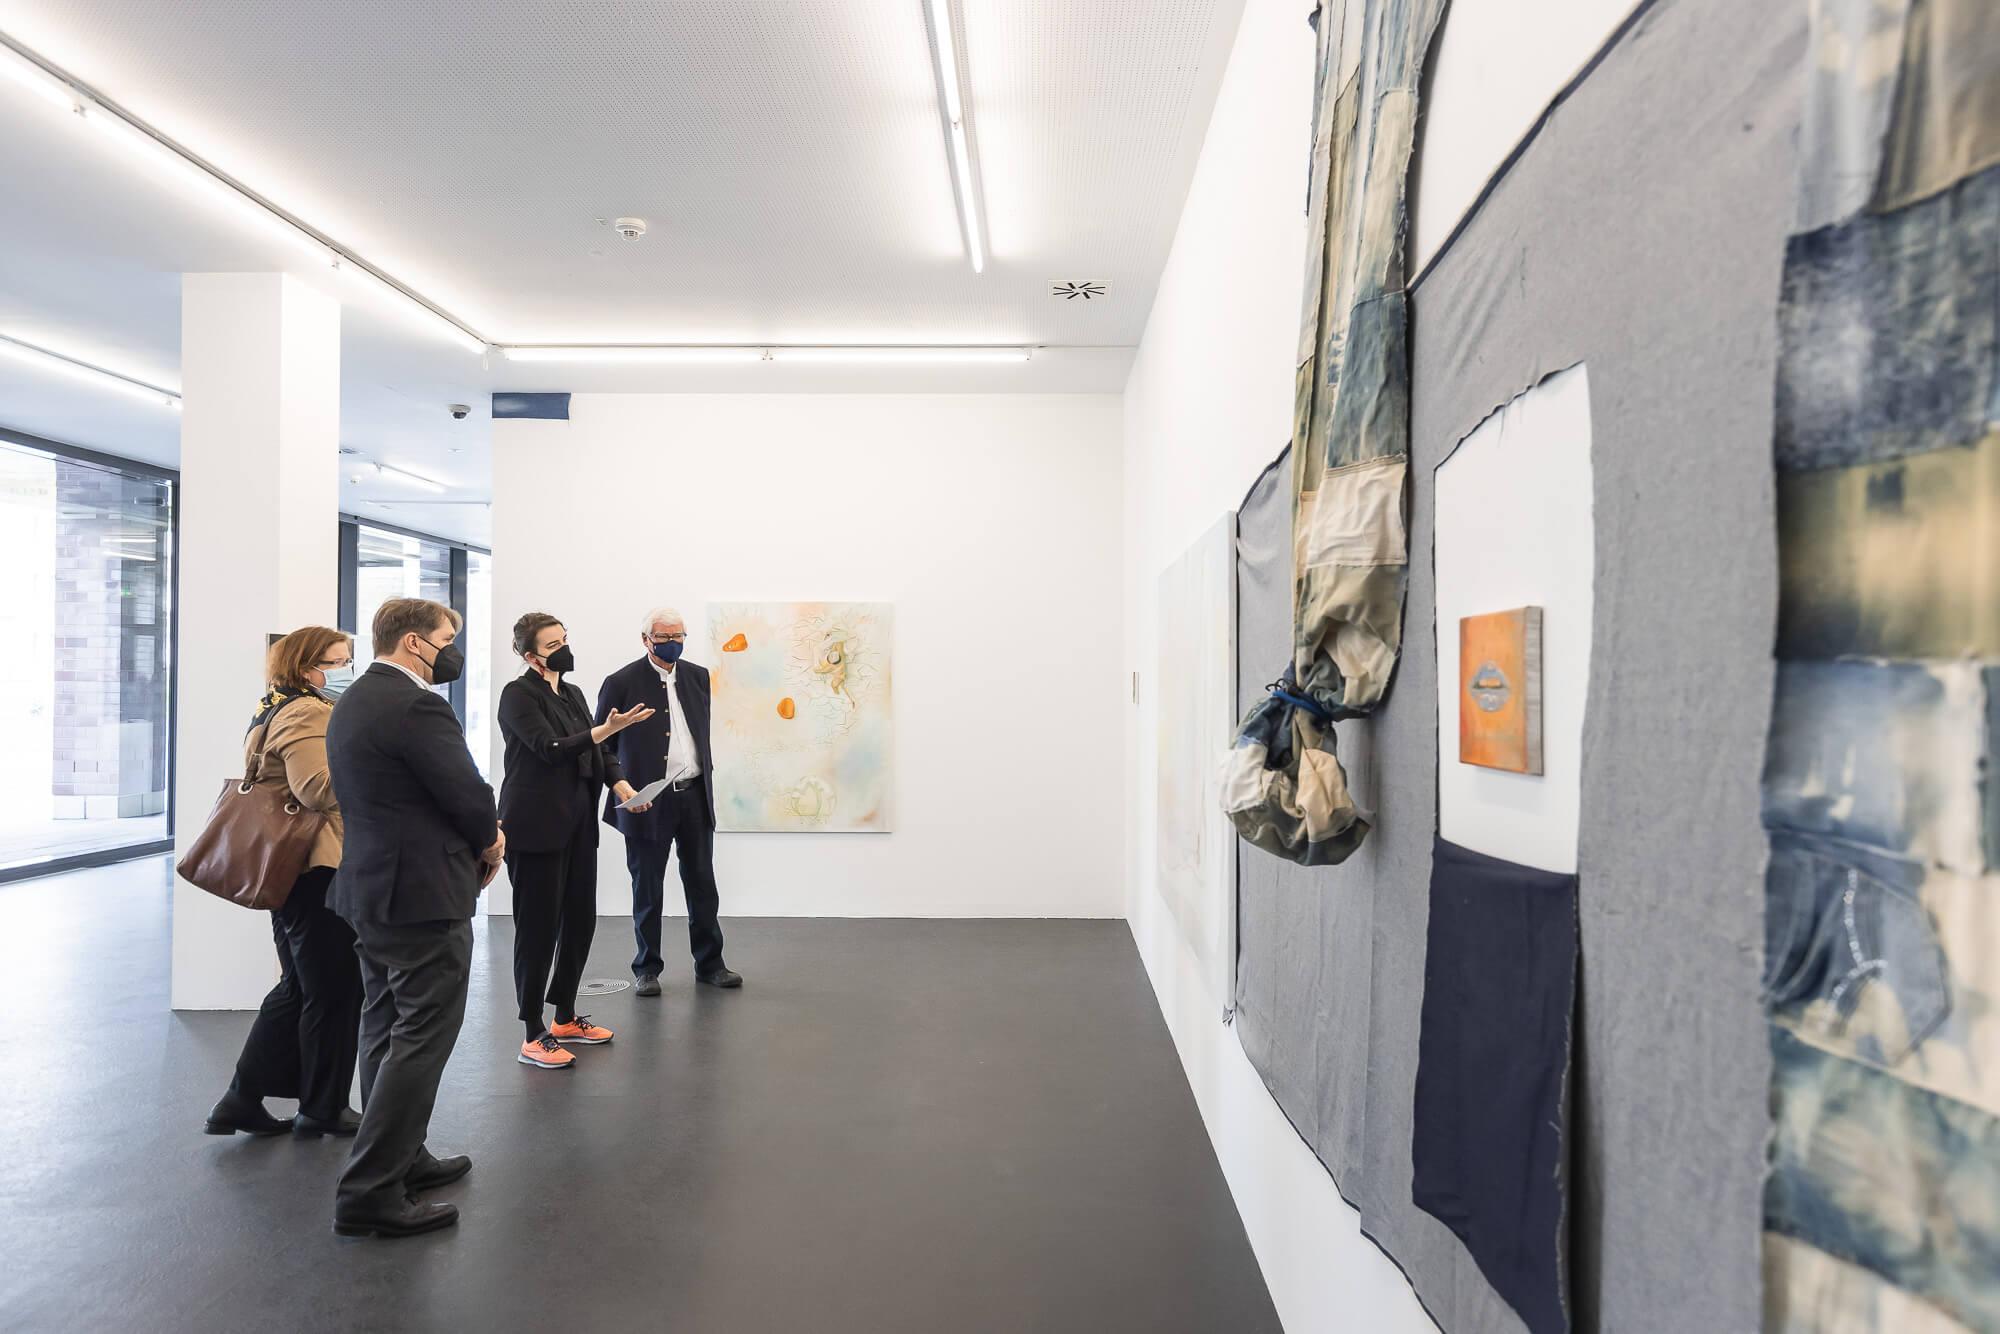 Rebekka Seubert, Künstlerische Leiterin des Dortmunder Kunstvereins, führt Bodo Hombach, Lee-Anne Hermann und Pierre Chalifour durch die Ausstellung. Foto © Roland Baege